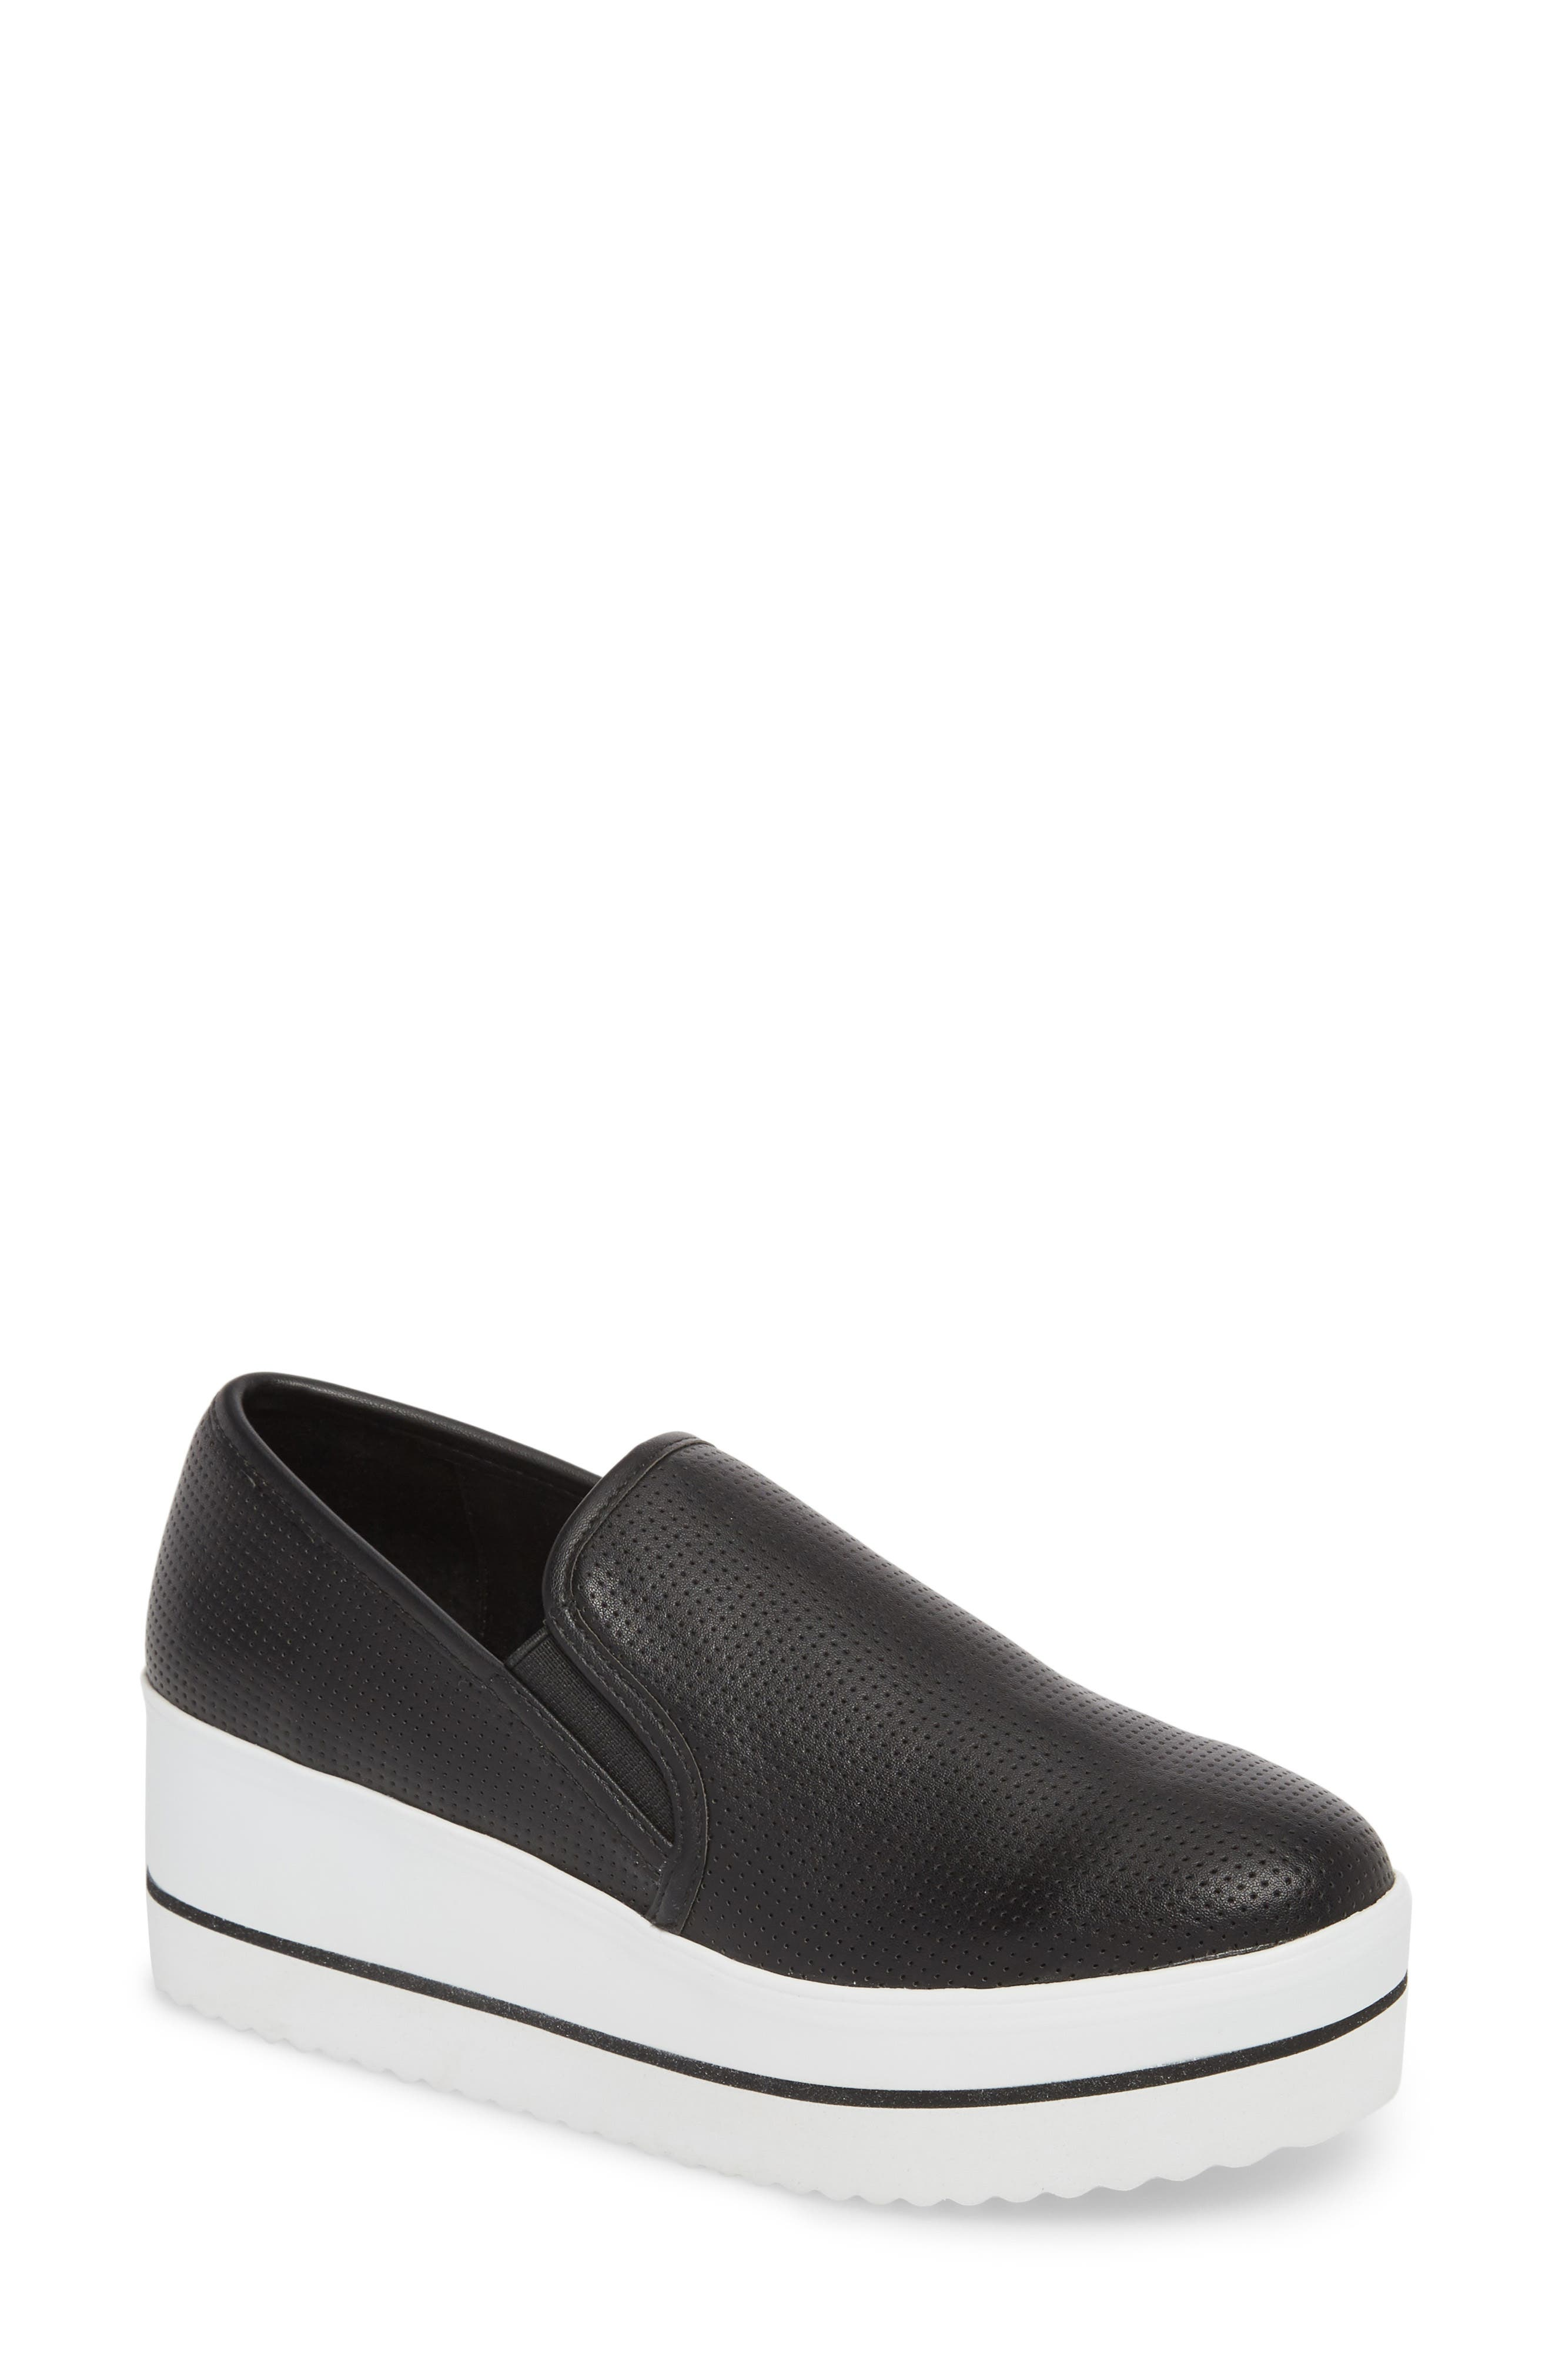 Becca Slip-On Sneaker,                             Main thumbnail 1, color,                             001